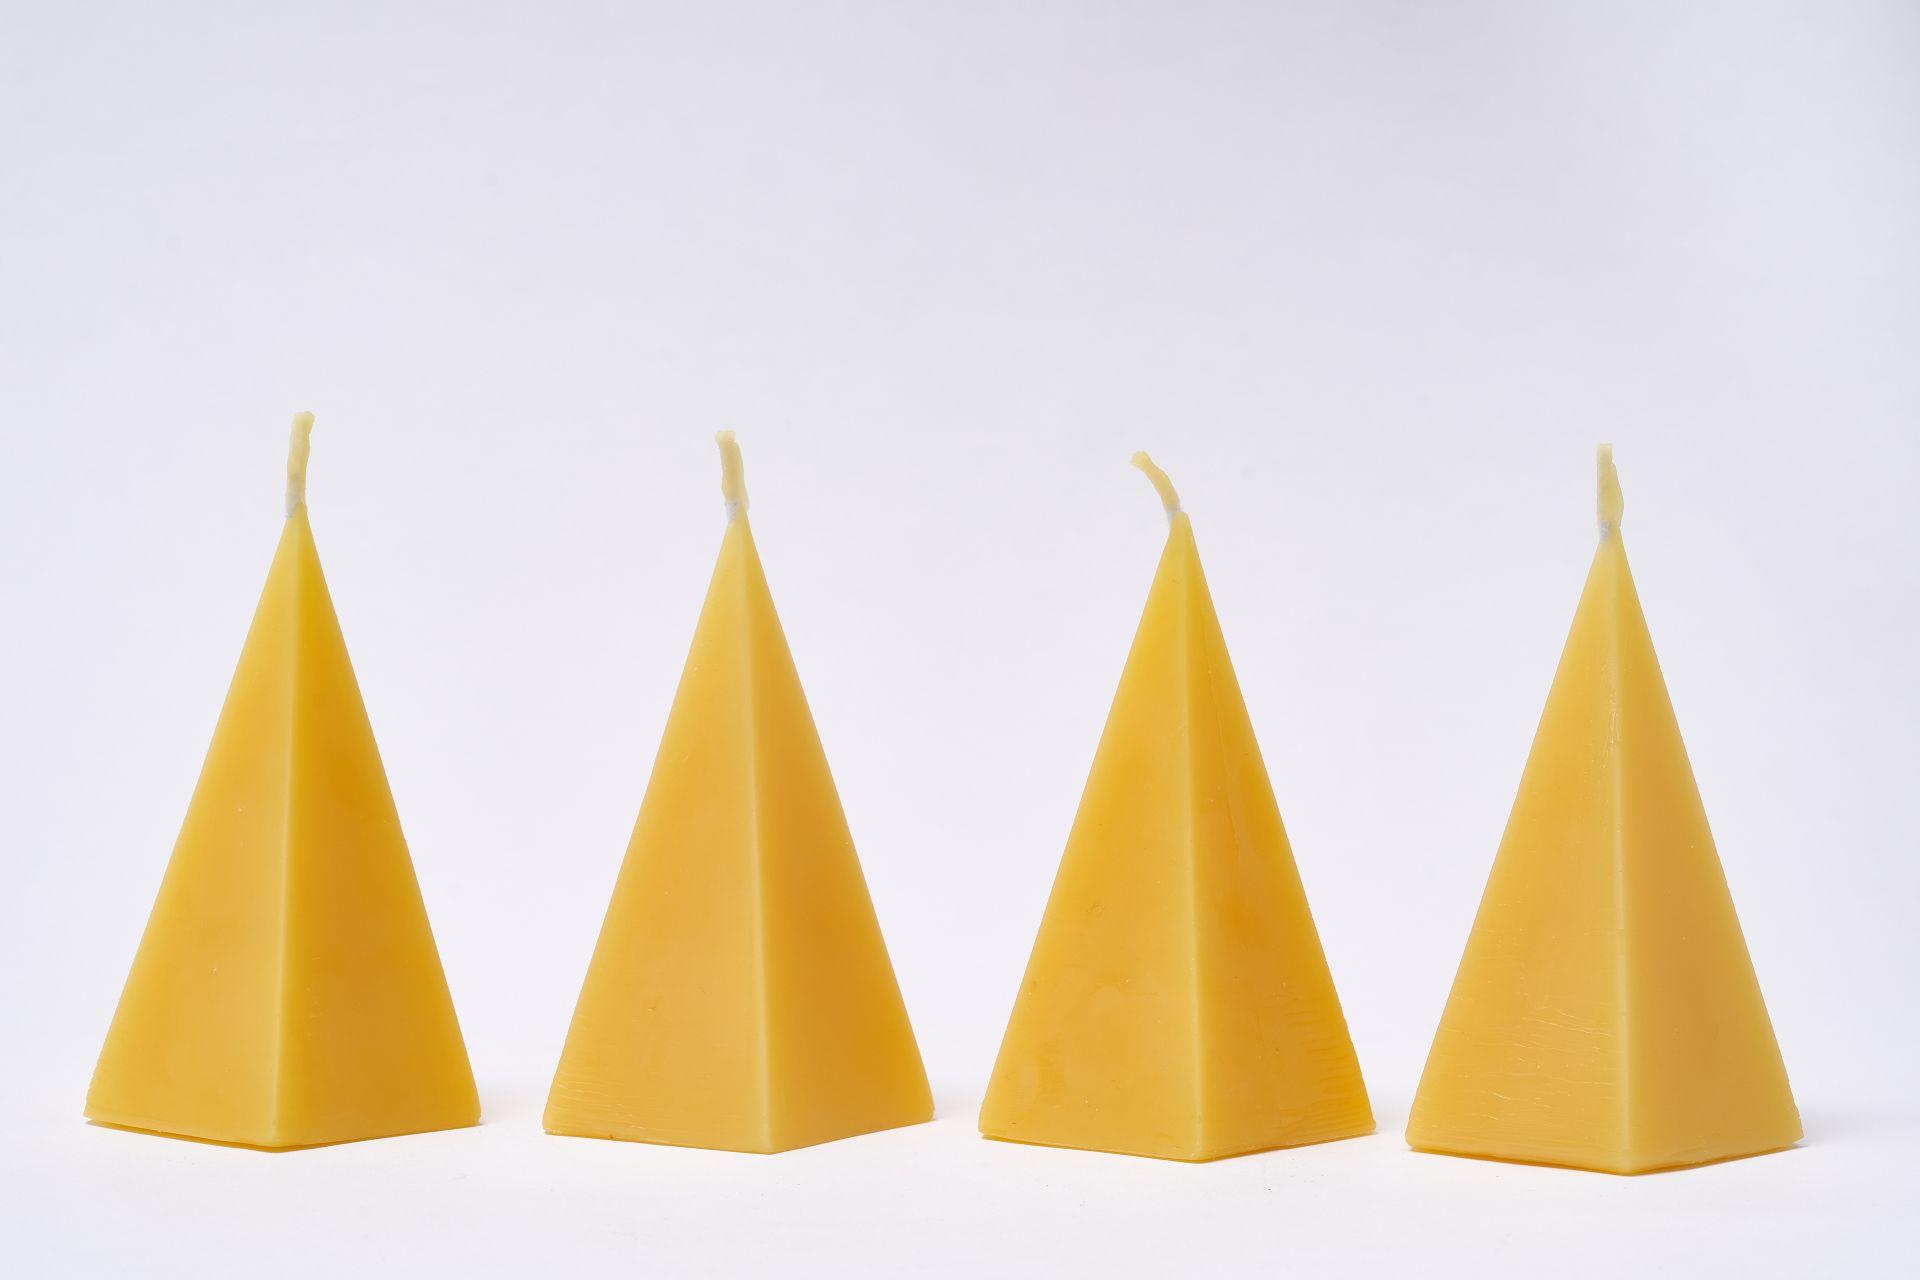 4x Pyramide (ca. 11,5cm x 6,5cm) aus 100% Bienenwachs vom Imker